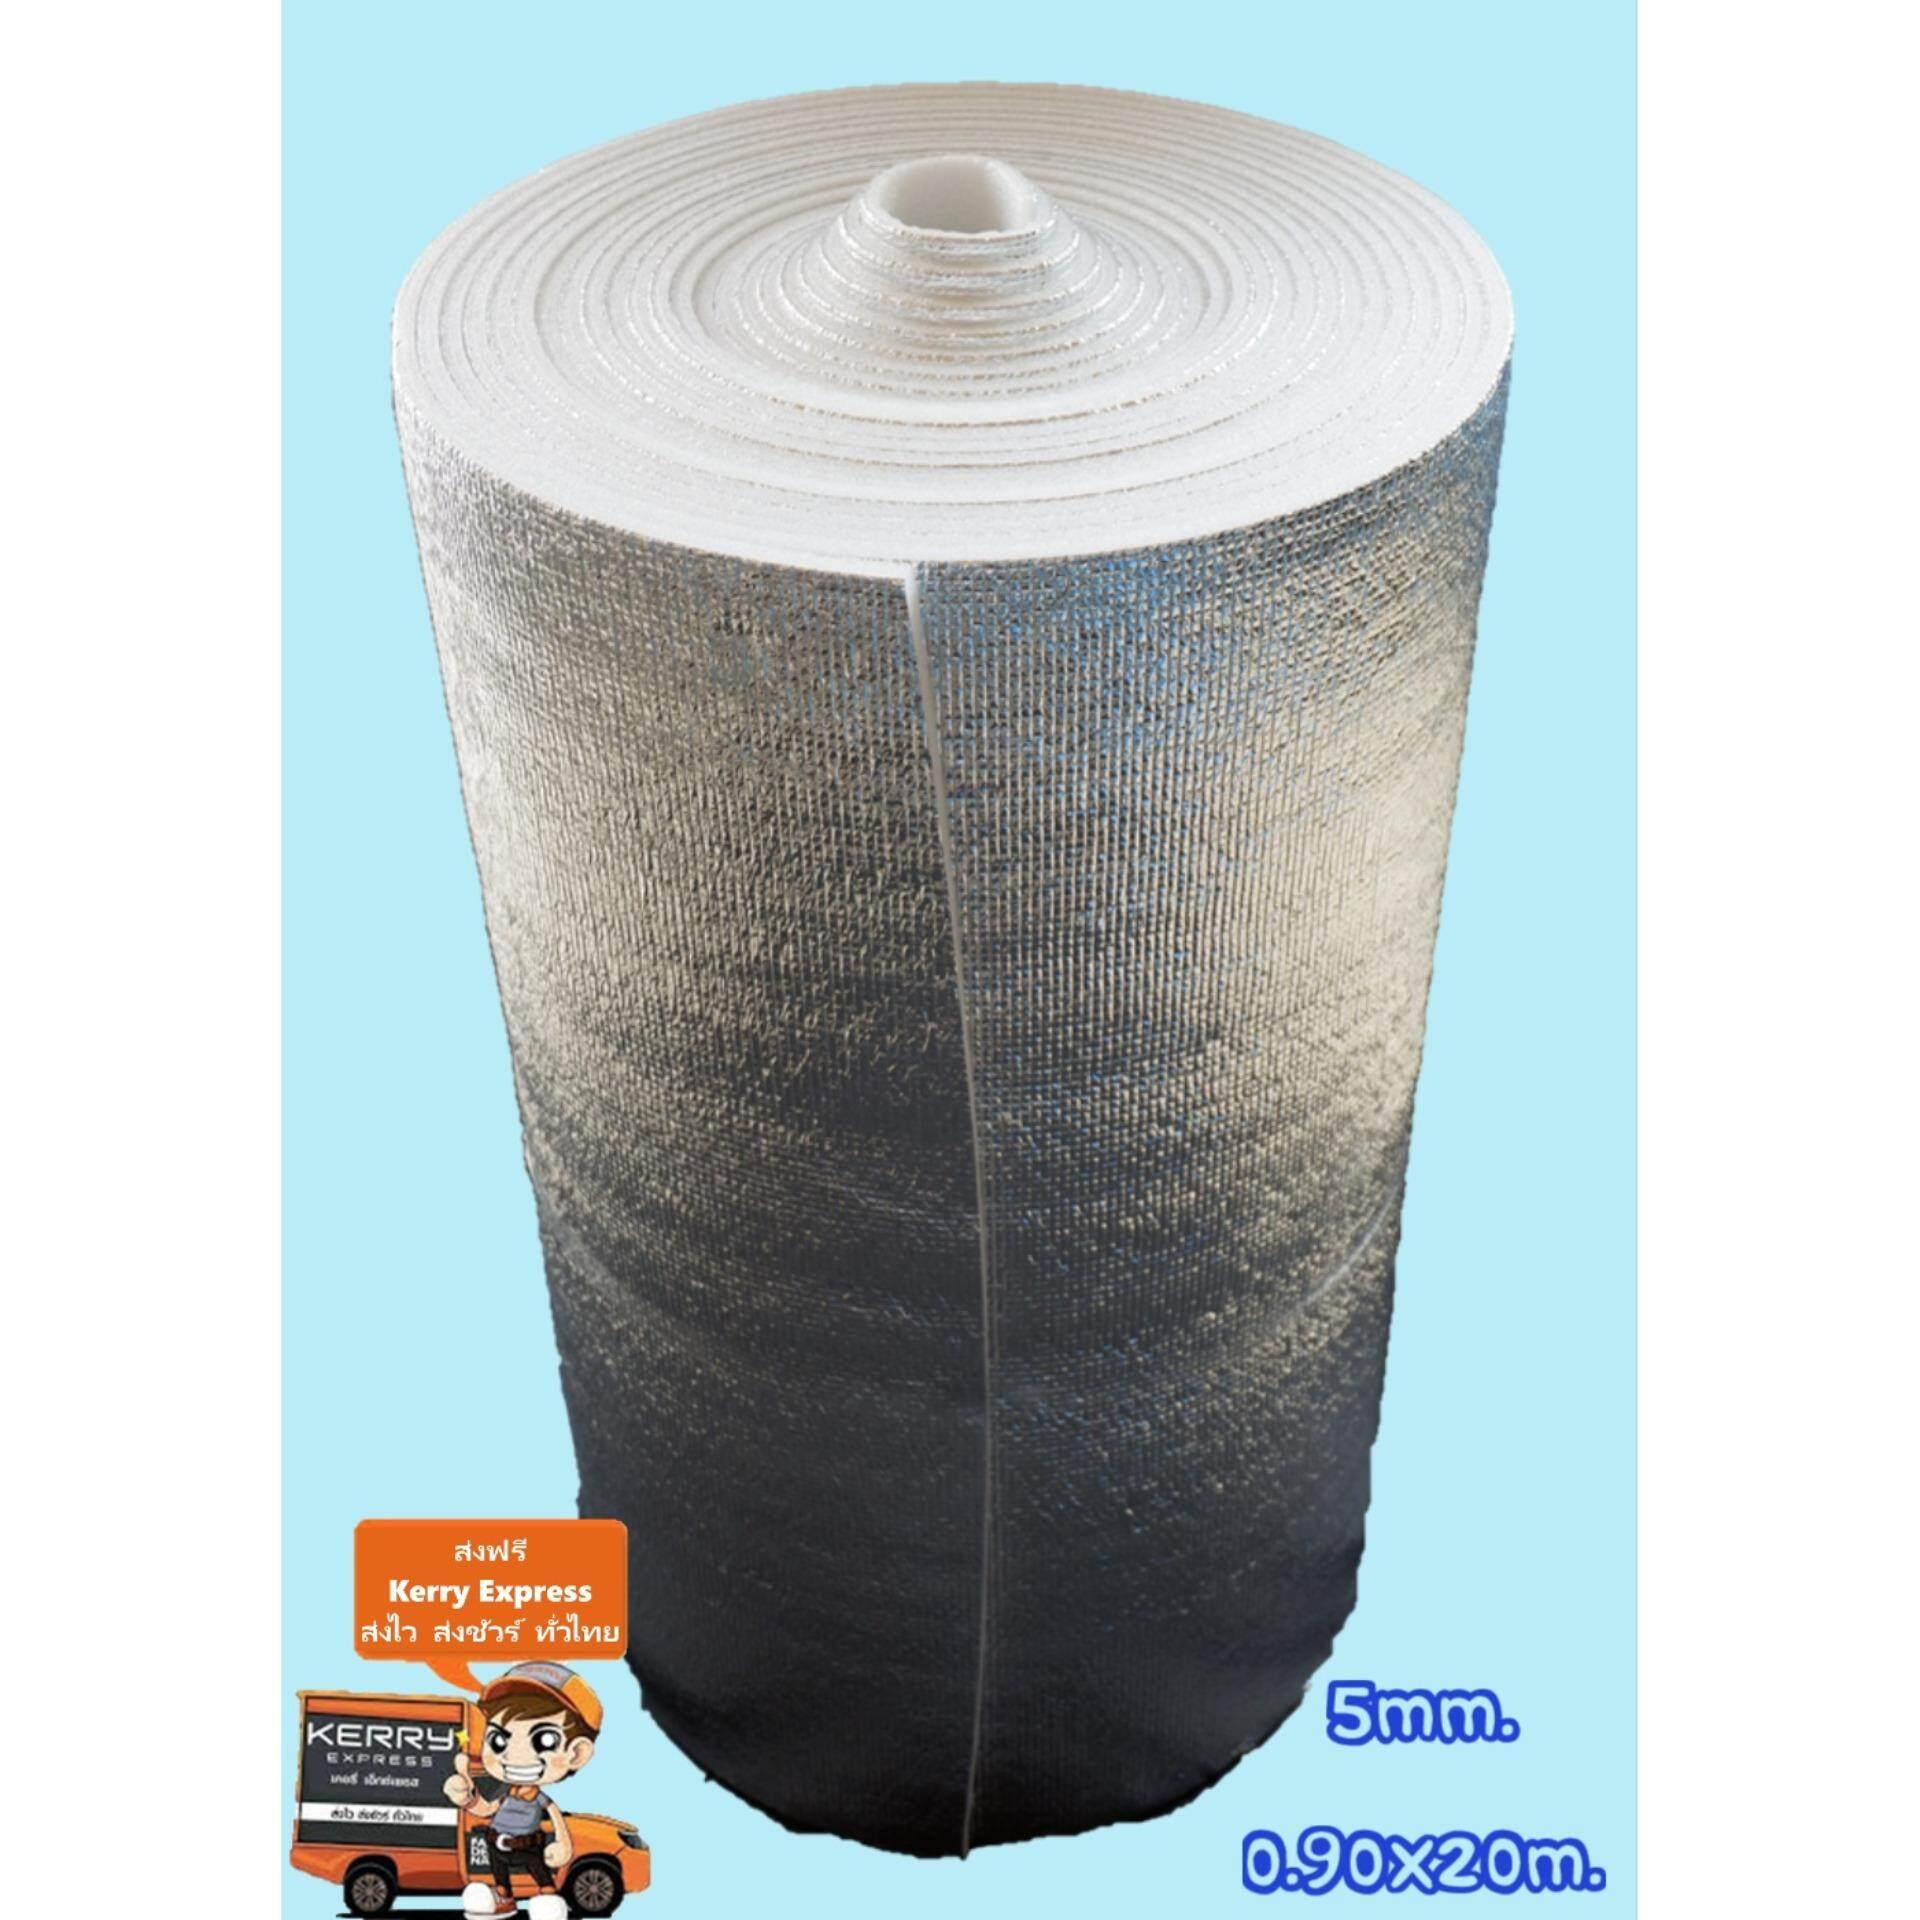 ฉนวนกันความร้อนพีอีเคลือบฟอยล์ลดความร้อนหนา5mmกว้าง90cmยาว20mส่งฟรีKerry แผ่นฉนวนกันความร้อนเก็บความเย็น insulation PE Aluminium Foil ปิดผิวด้วยแผ่นอลูมิเนียมฟอยล์ ขนาด 5mm x 90cm x 20m